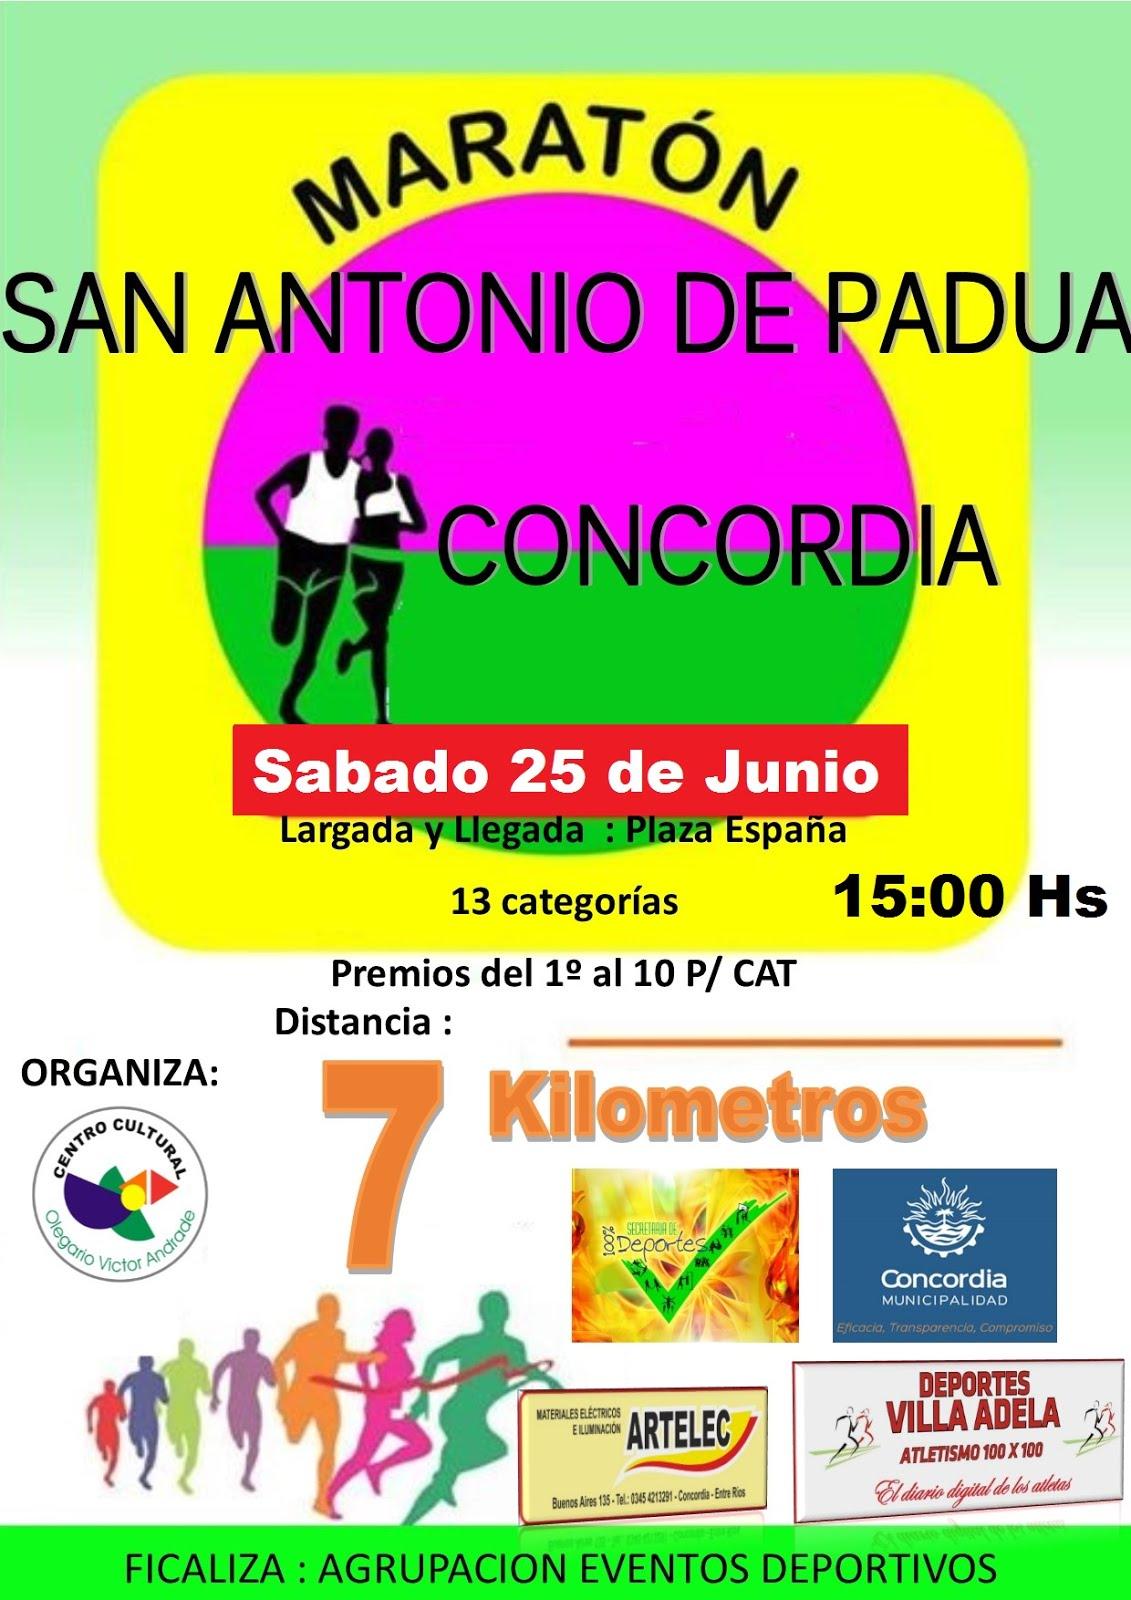 Maratón San Antonio de Padua 2016